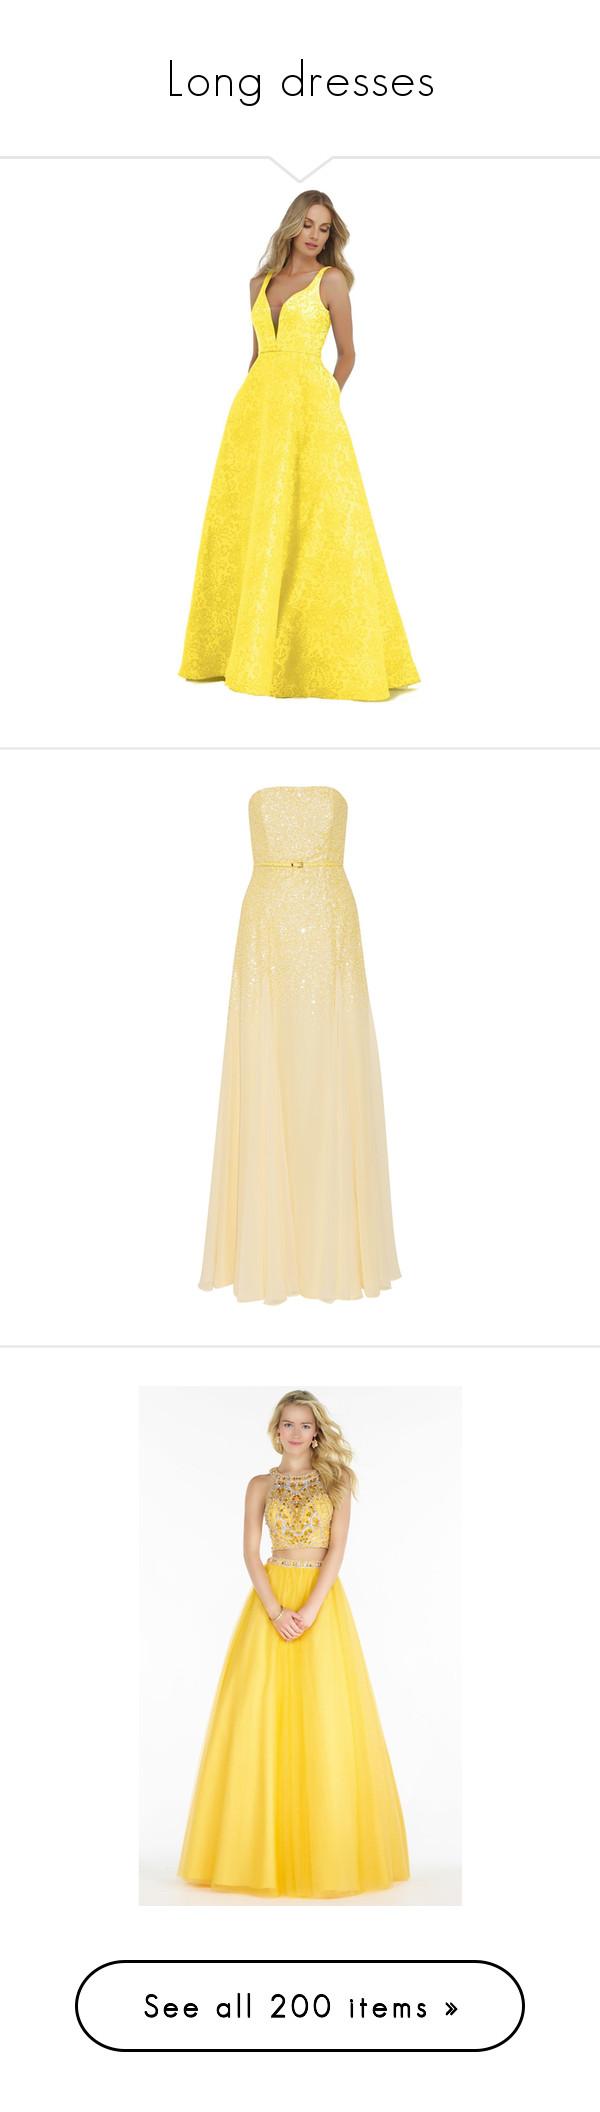 Long dresses